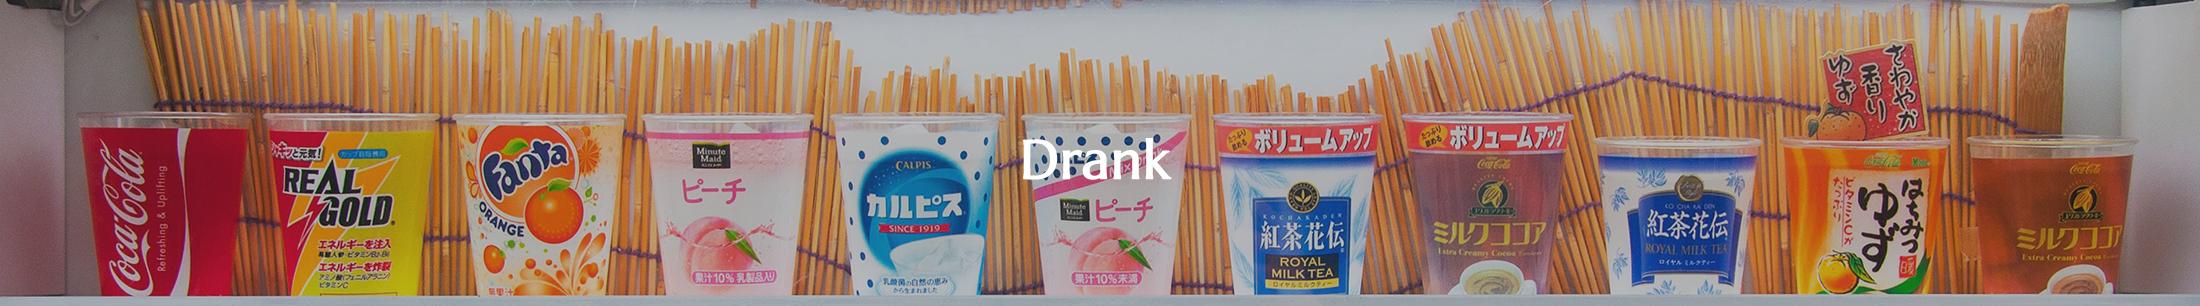 Seikatsu drank